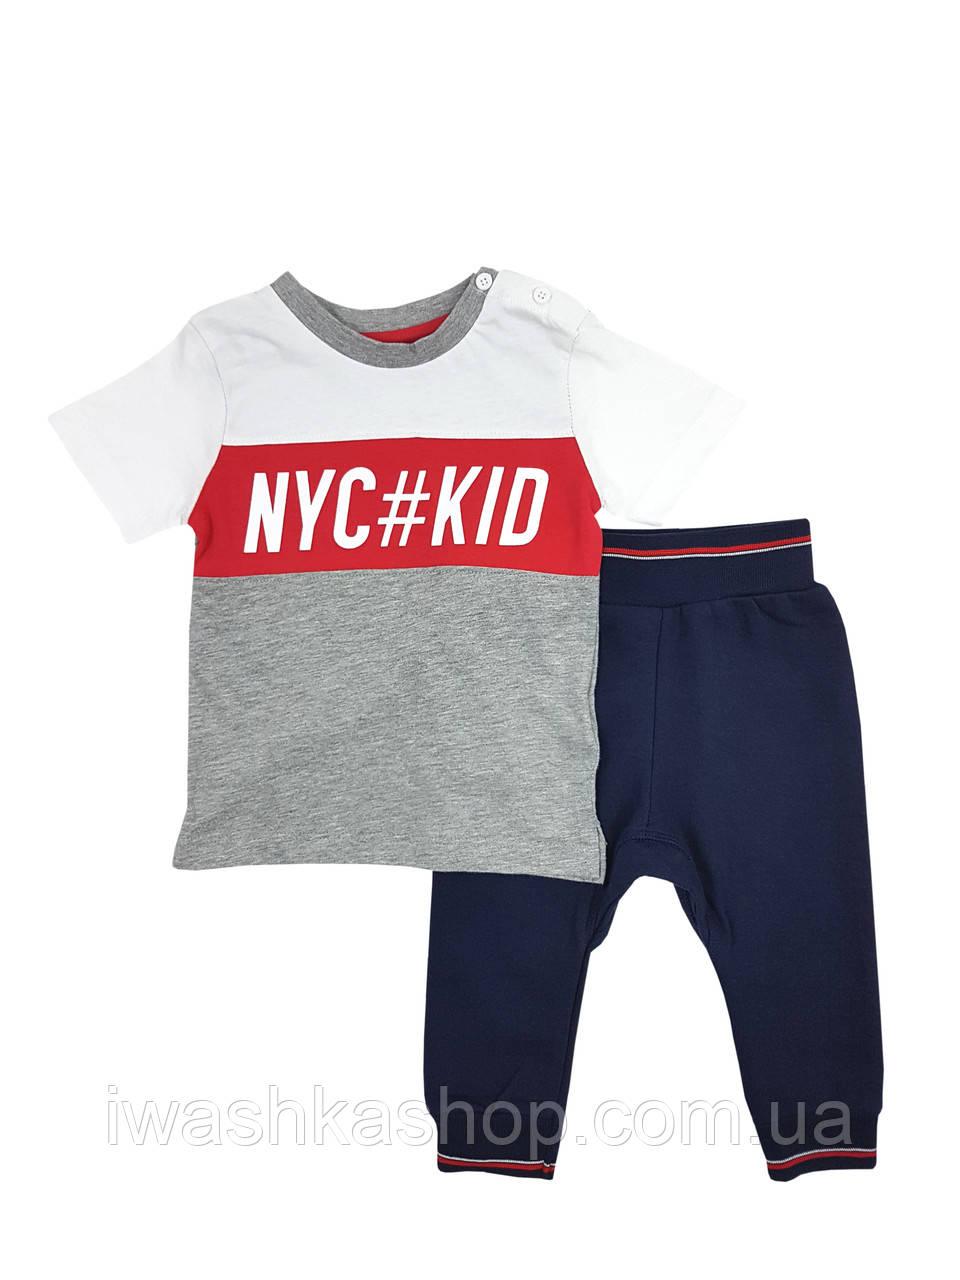 Костюм, футболка і штани на хлопчика 6 - 9 місяців, р. 74, Early Days by Primark